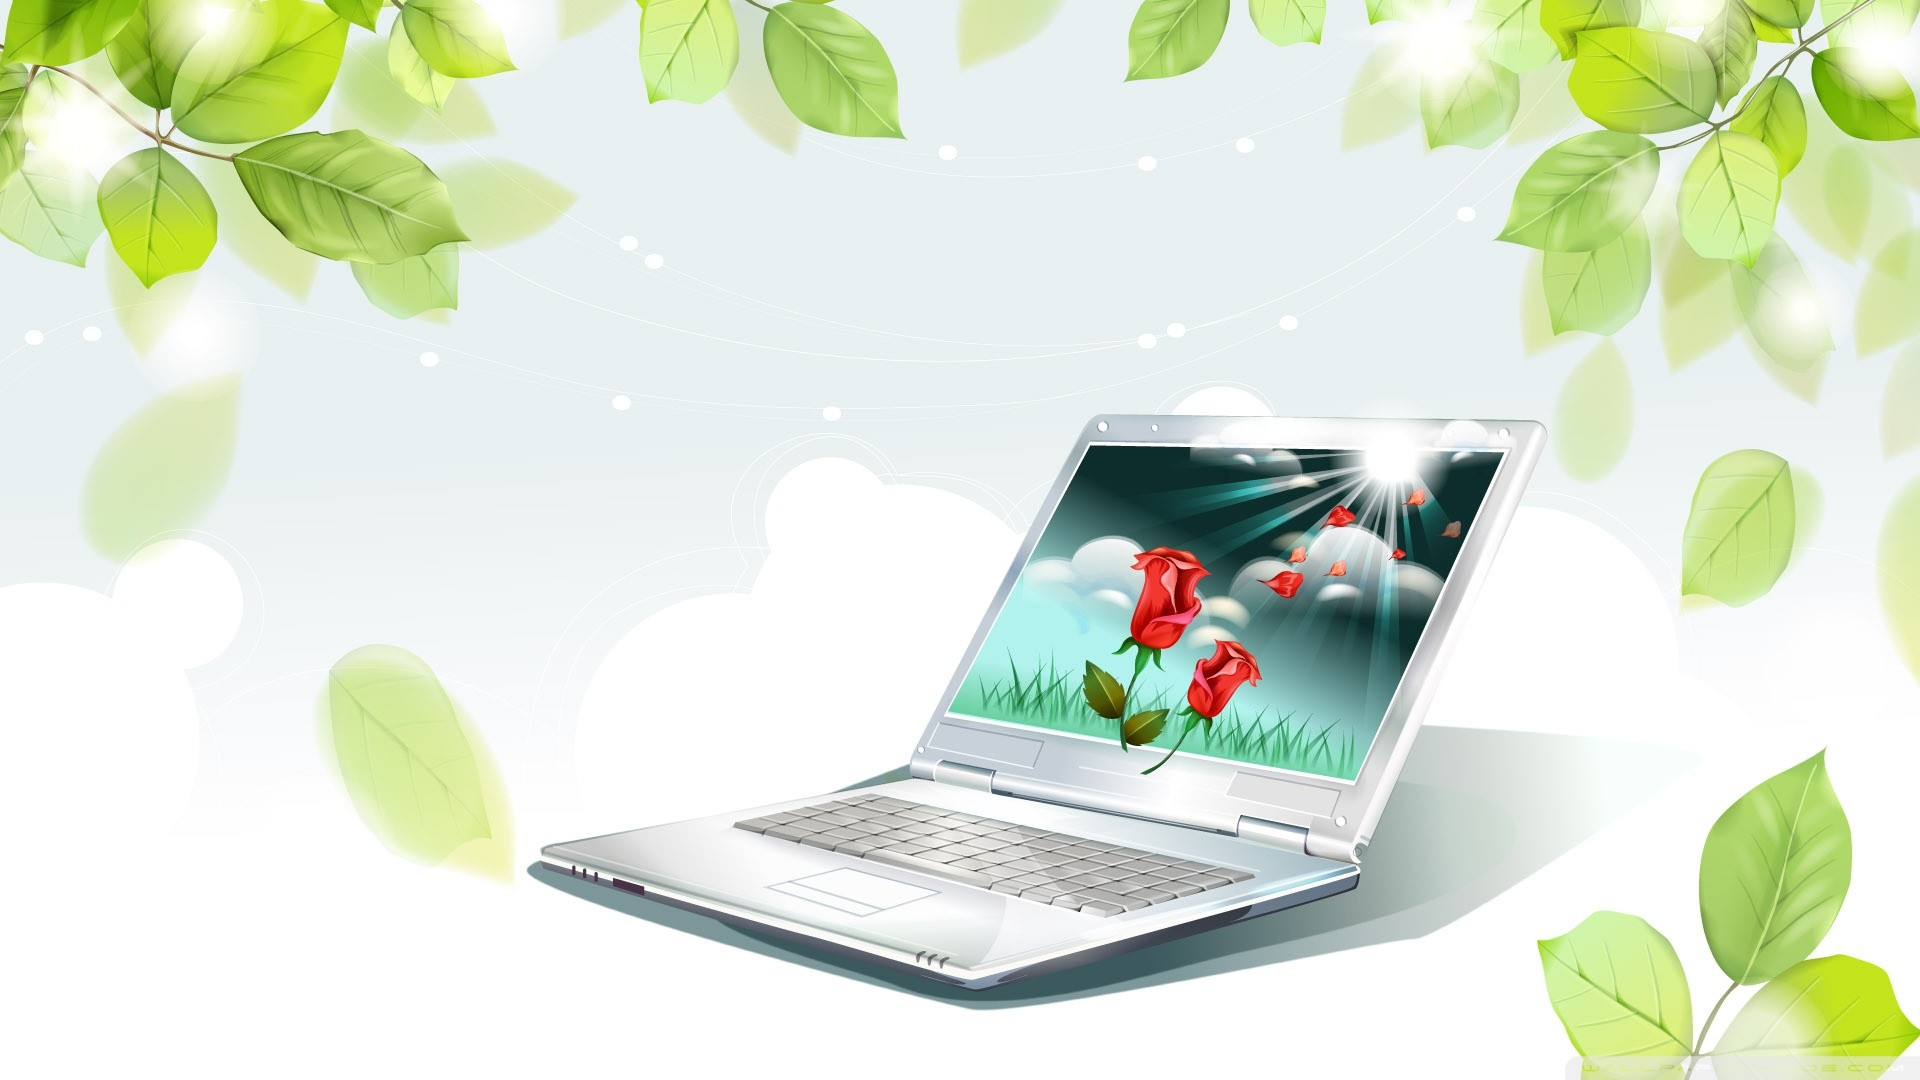 Laptop Wallpapers, Laptop High Definition Live Wallpaper – DSC773 Screenshot